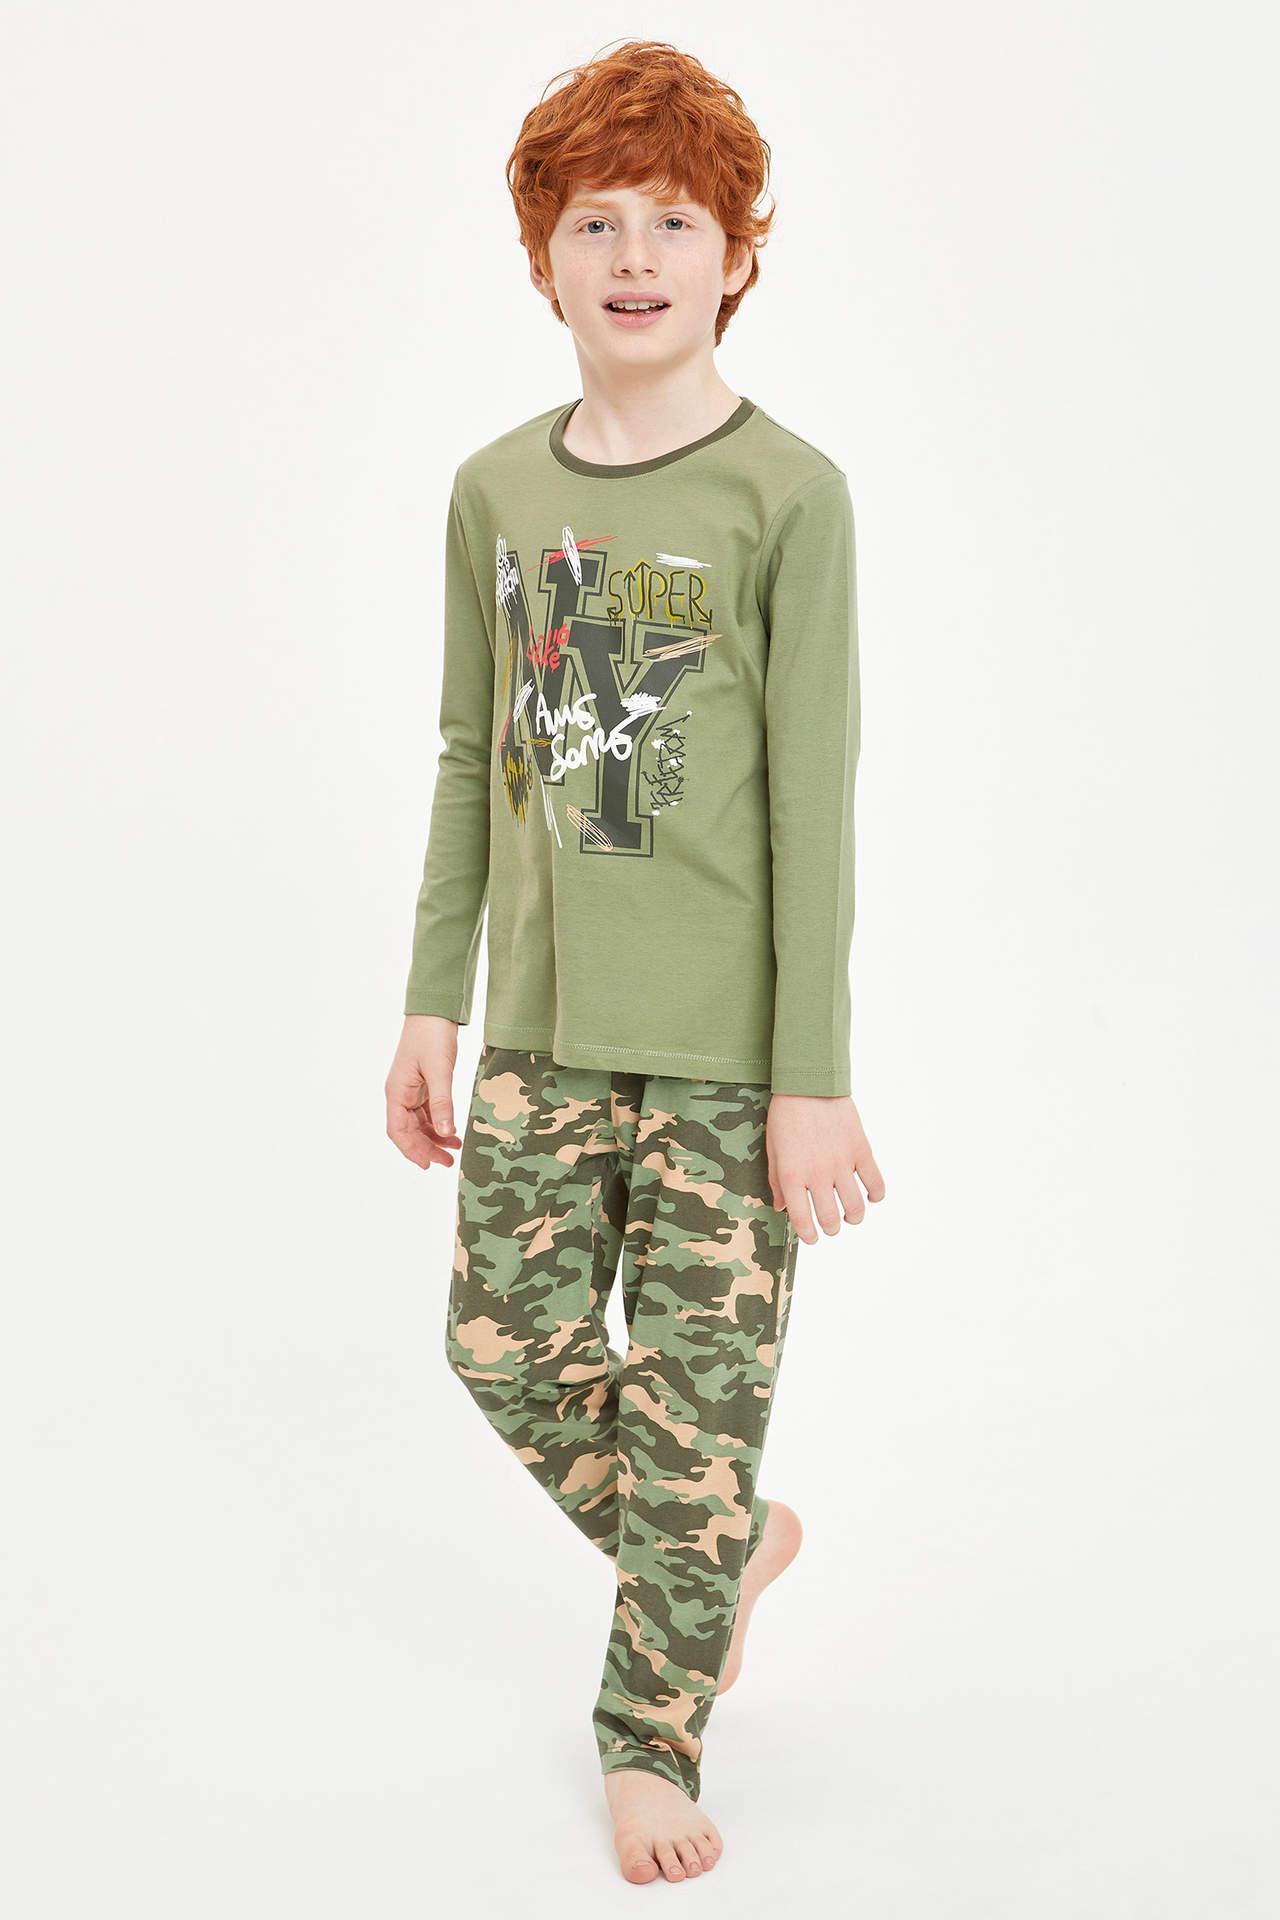 DeFacto Erkek Çocuk Kamuflaj Baskılı Pijama Takımı Yeşil male